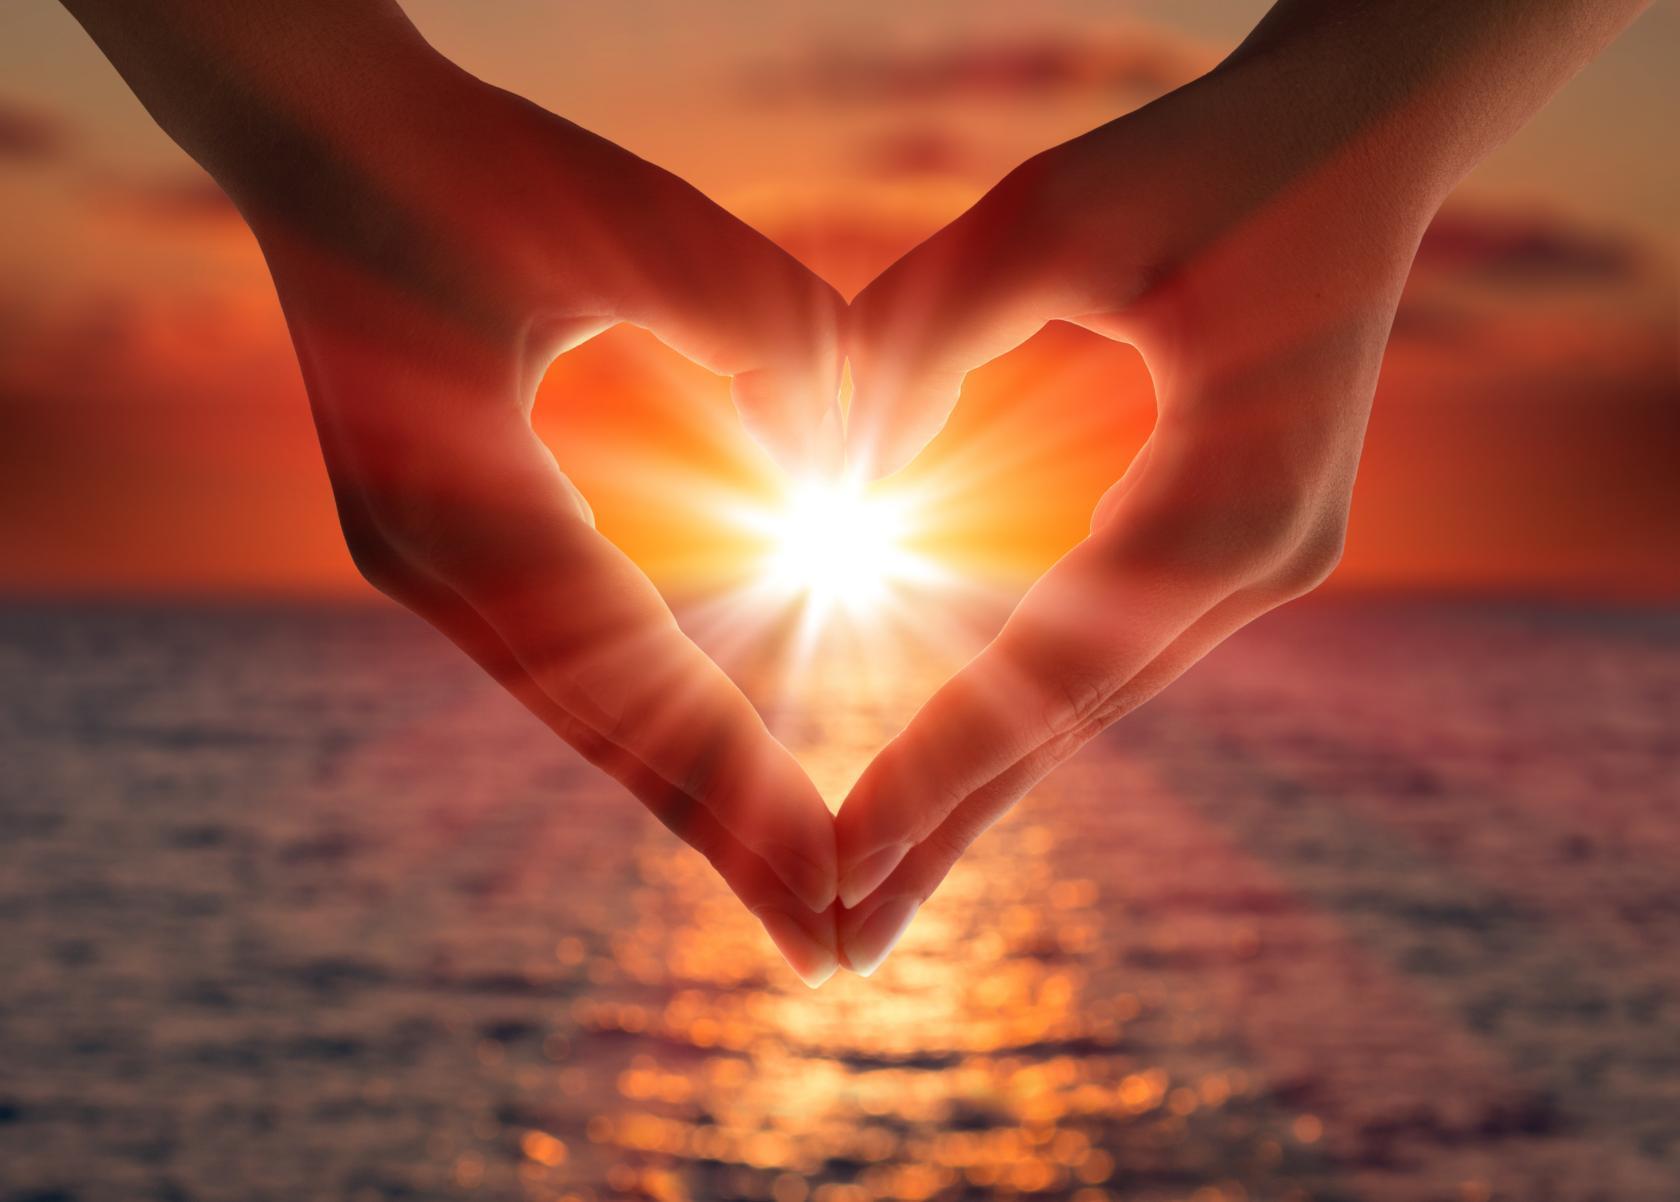 Картинка солнце и любовь